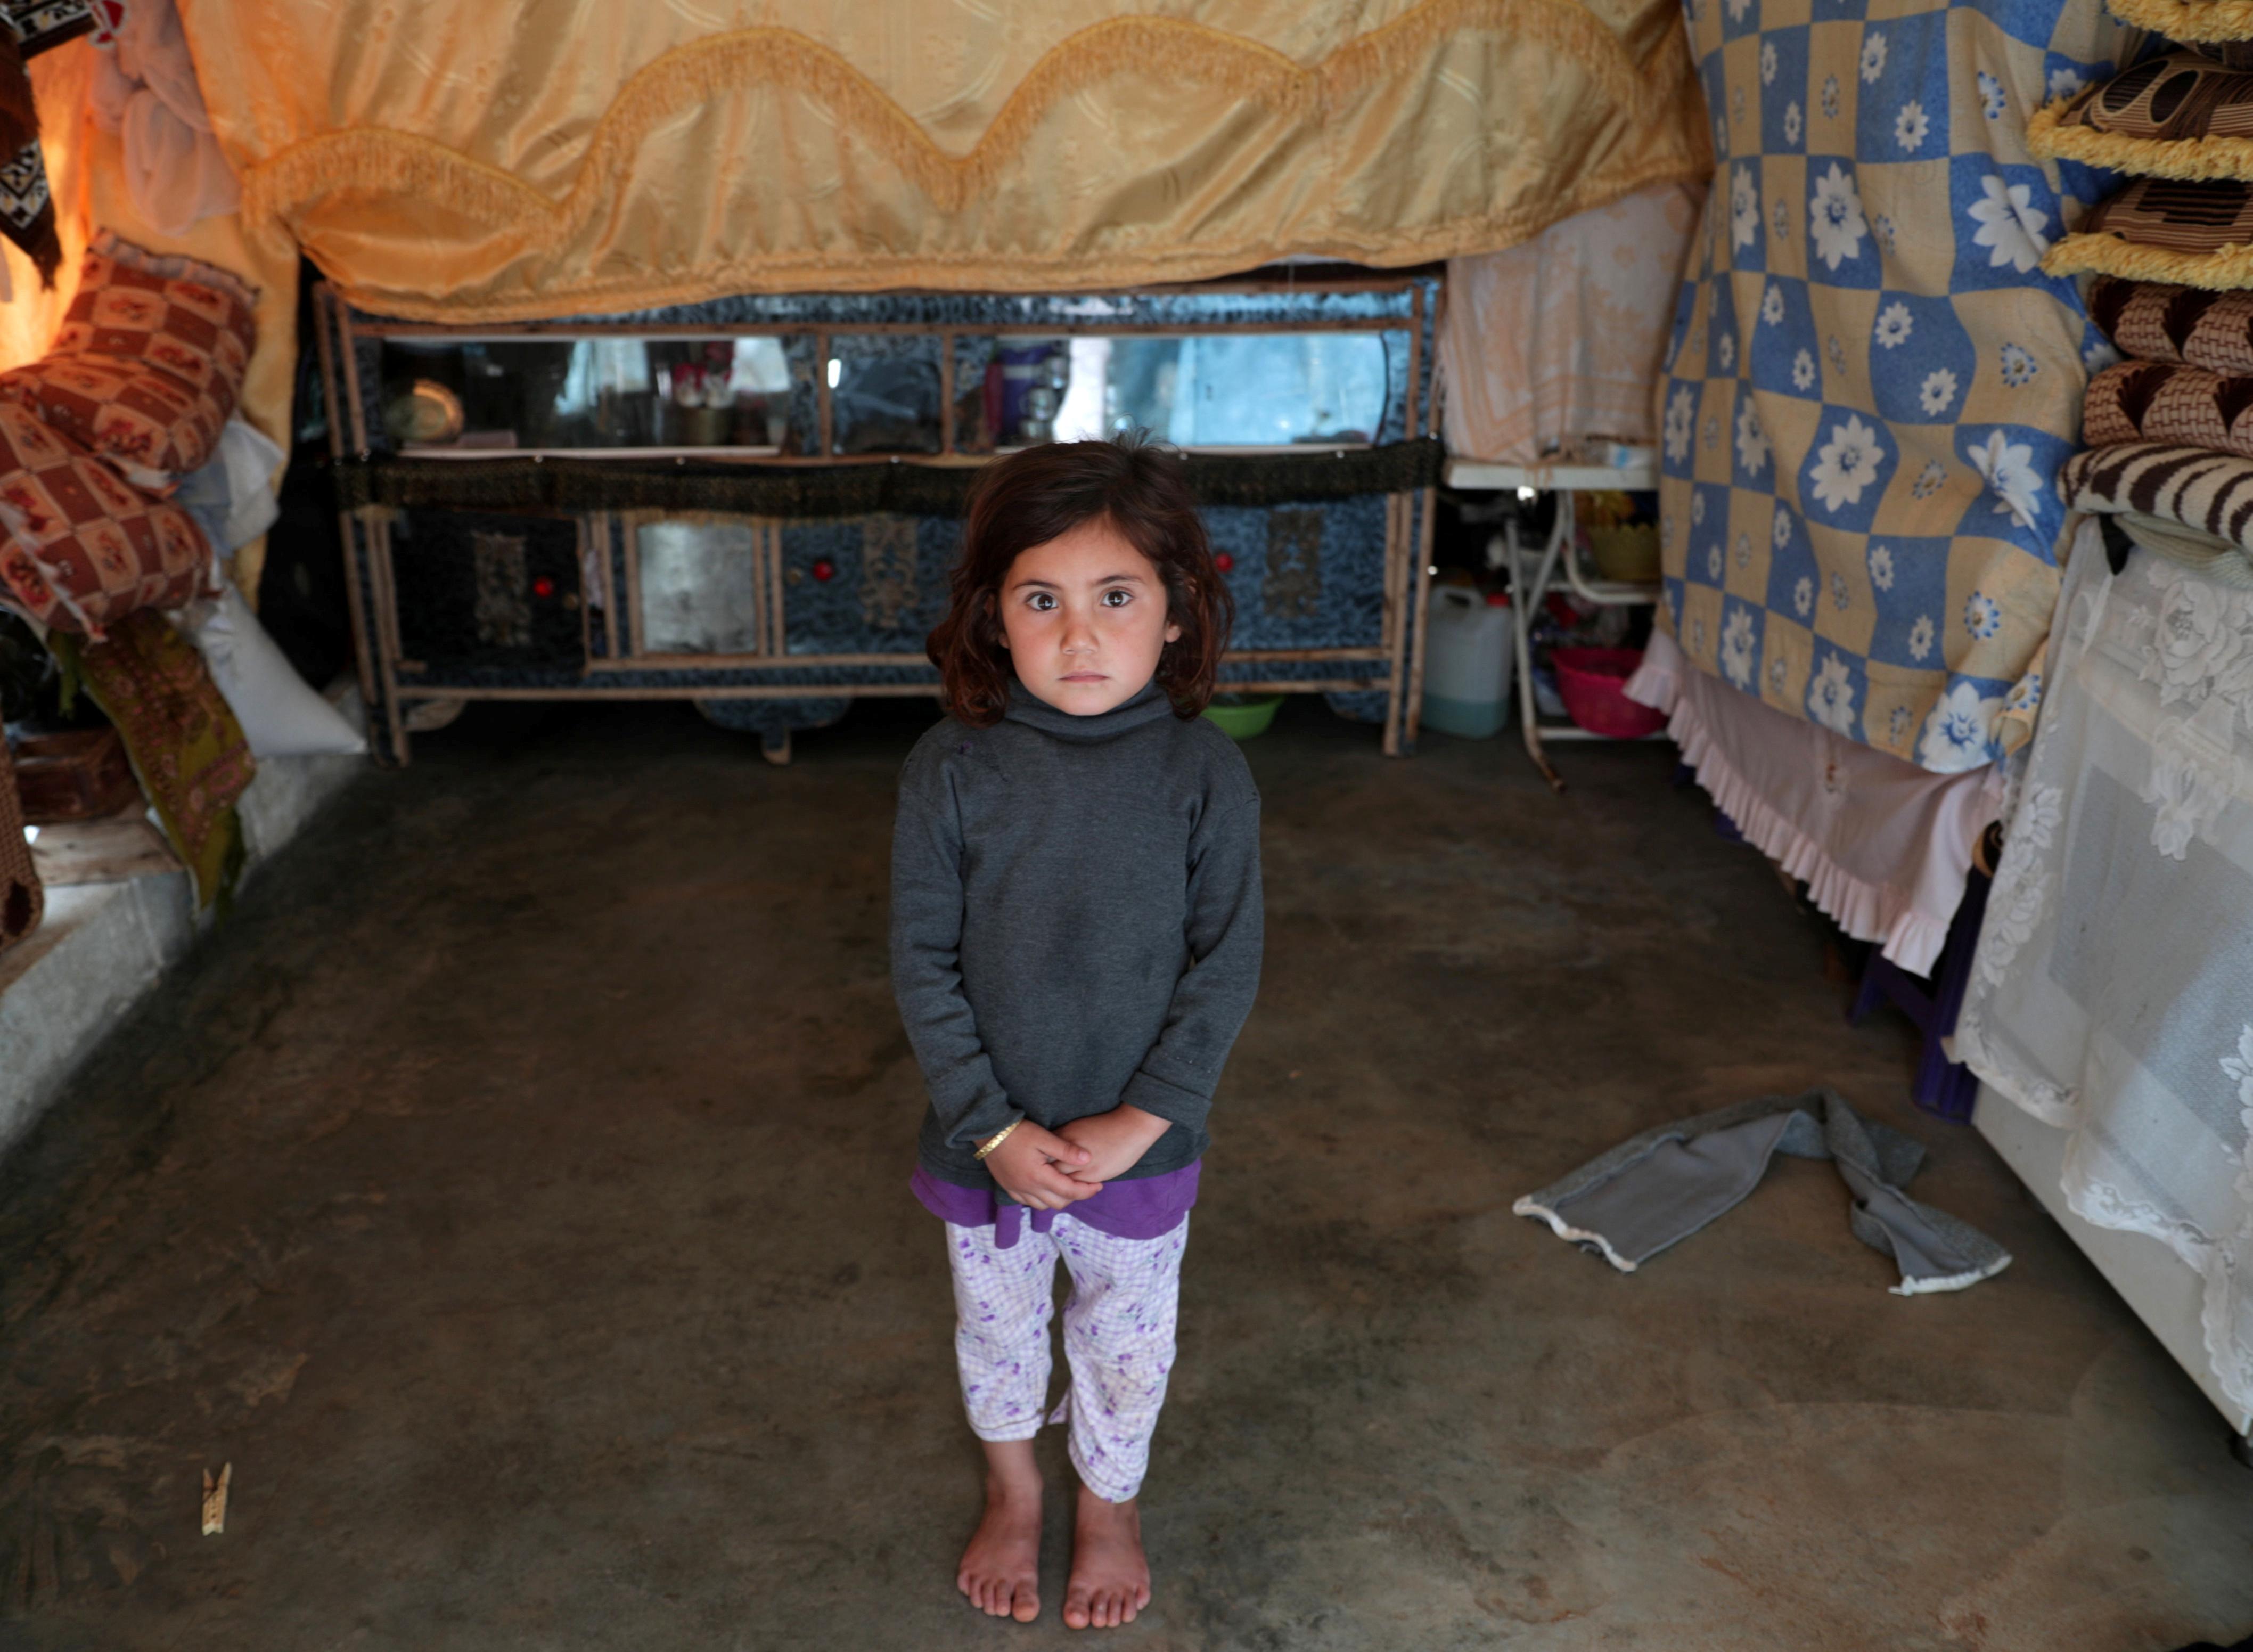 Maysaa Mahmoud, una niña de cinco años desplazada de Homs , posa en su tienda de campaña. A partir de 2011 las familias se han refugiado campamento de Atmeh en la frontera sirio-turca de un conflicto que ha dejado a la mitad de los sirios sin hogar.(REUTERS/Khalil Ashawi)